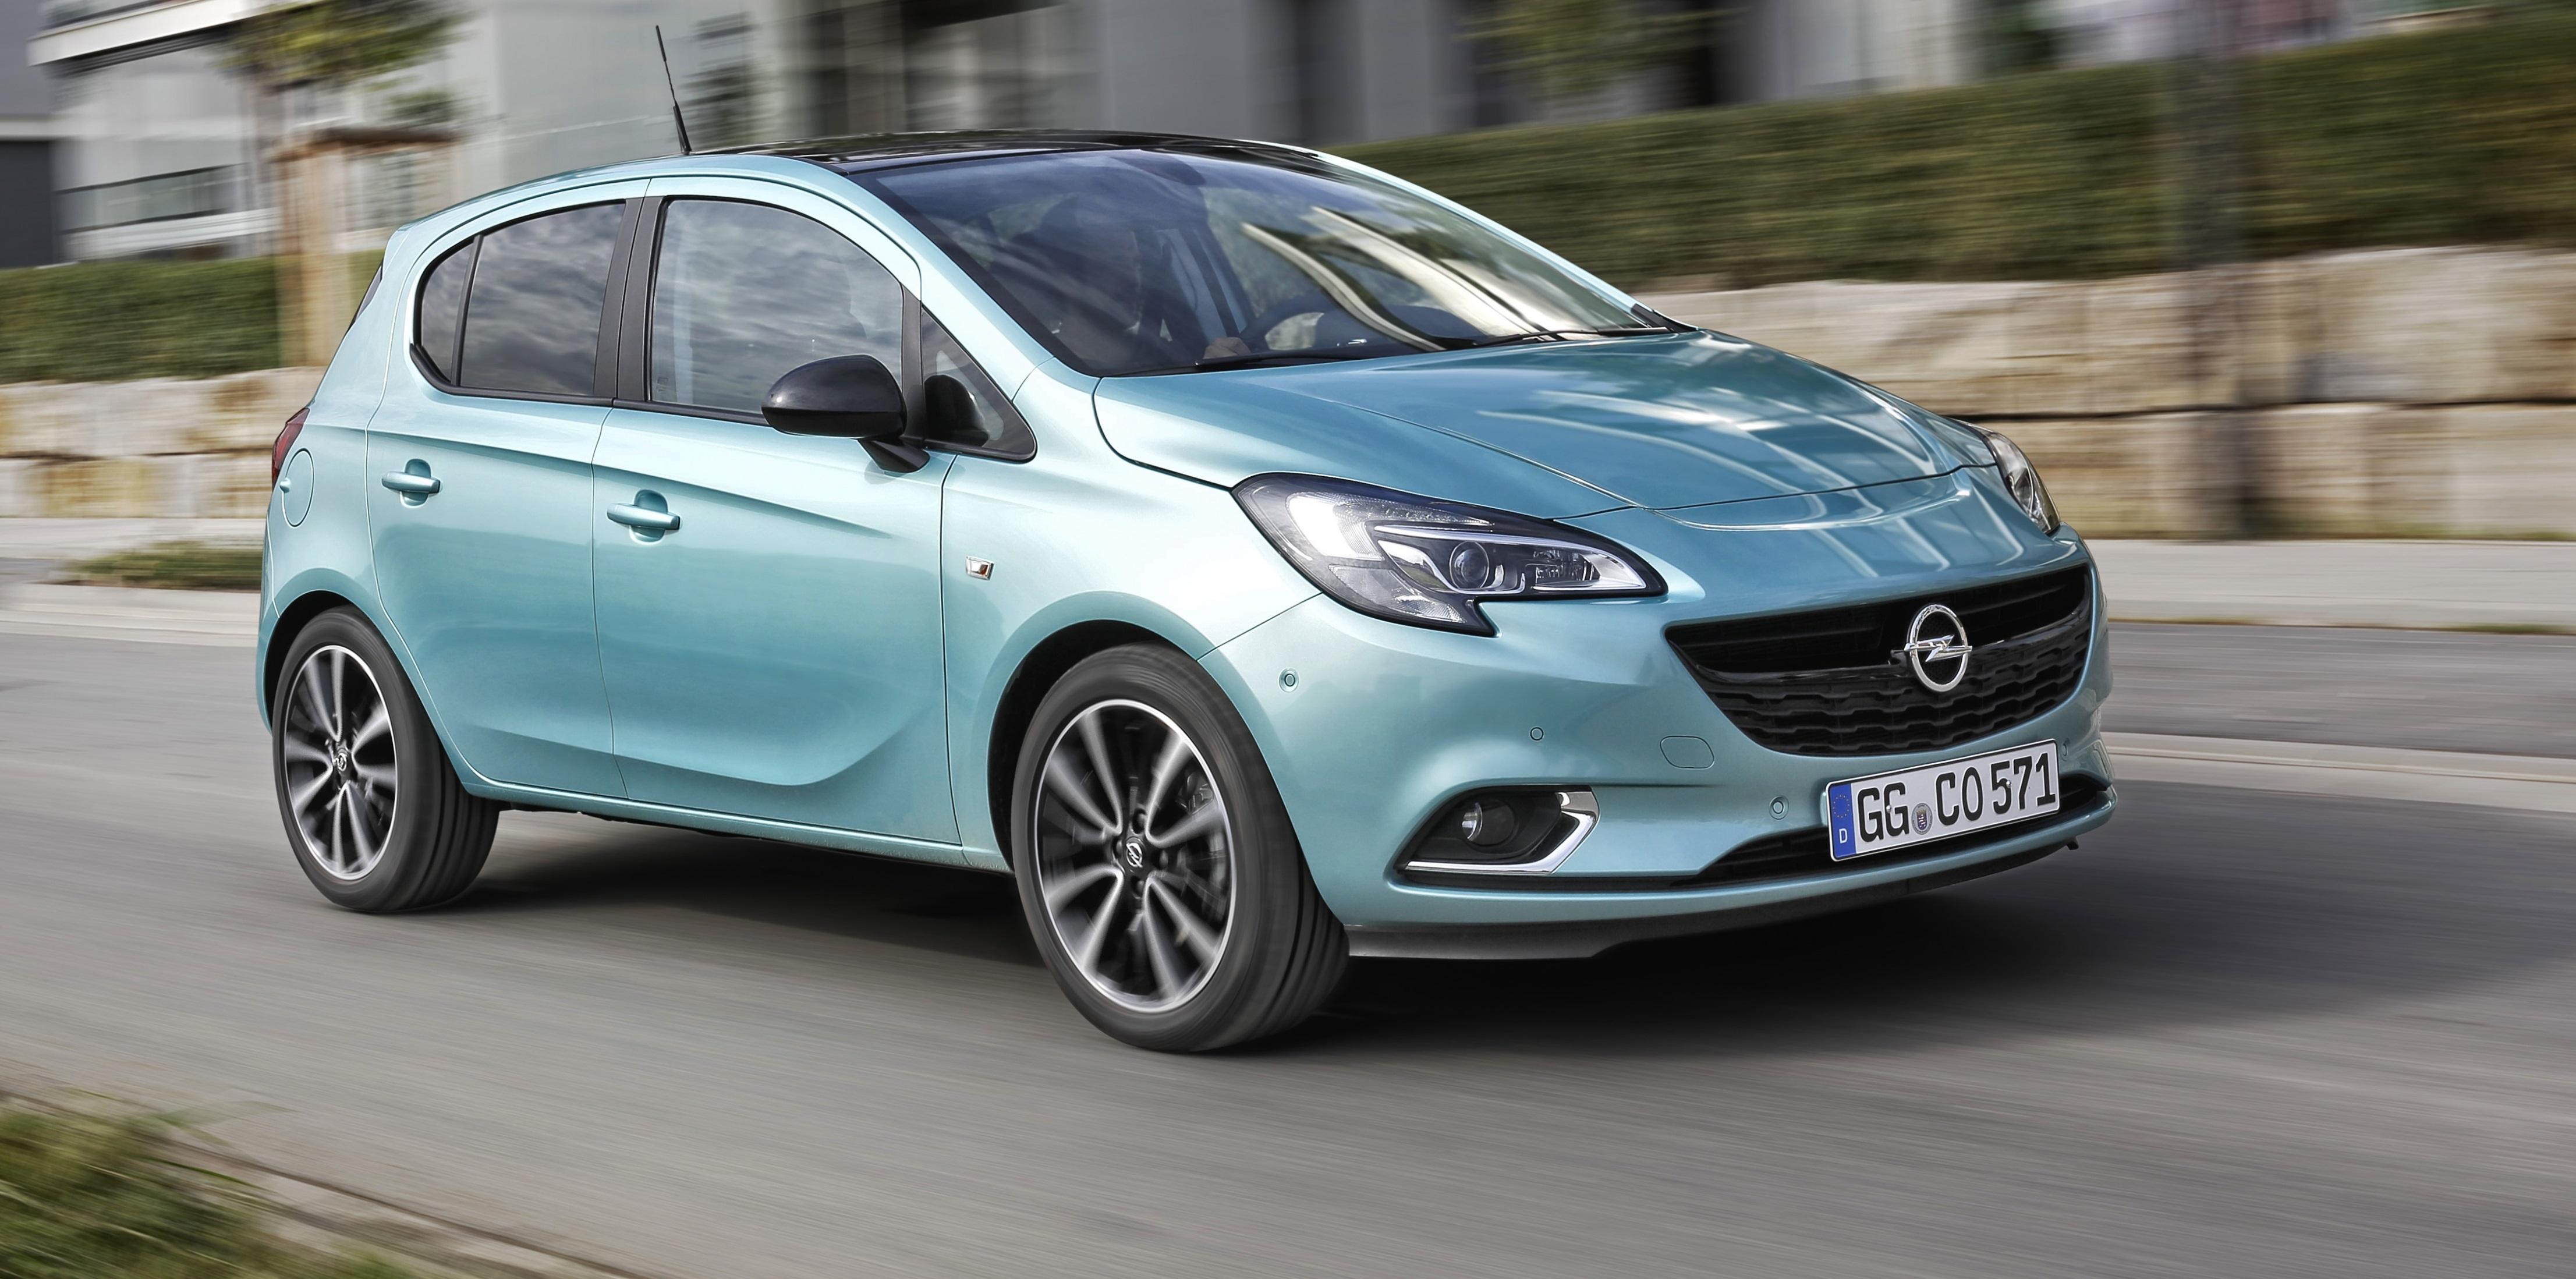 Opel Corsa Ab 2020 Fahrt Er Auch Elektrisch